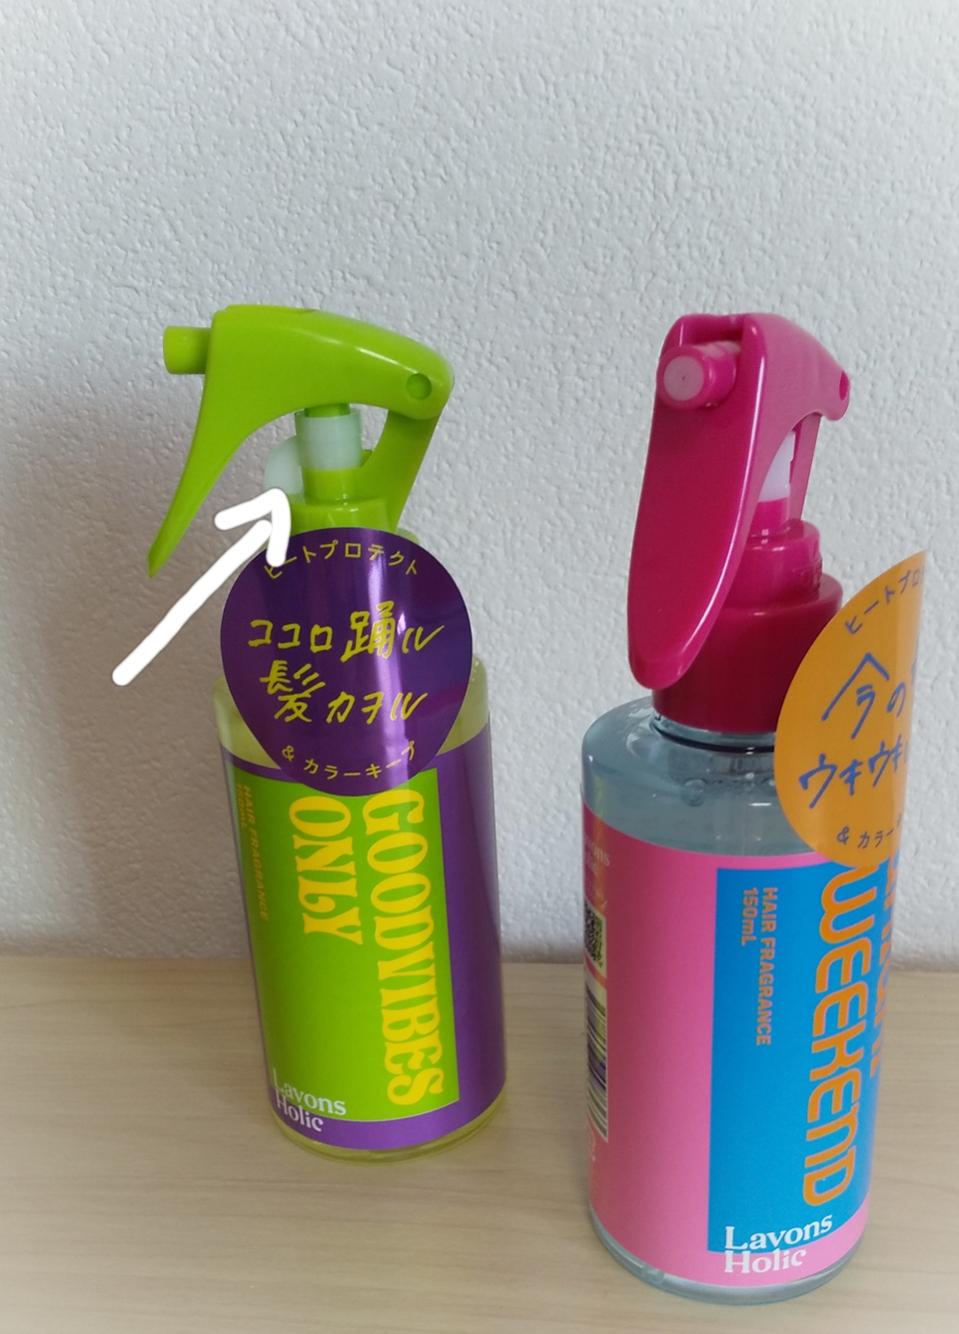 【かわいい香りを持ち運ぶ】Lavons Holicのロールオンで、どこでもいつでも良い香り!!_6